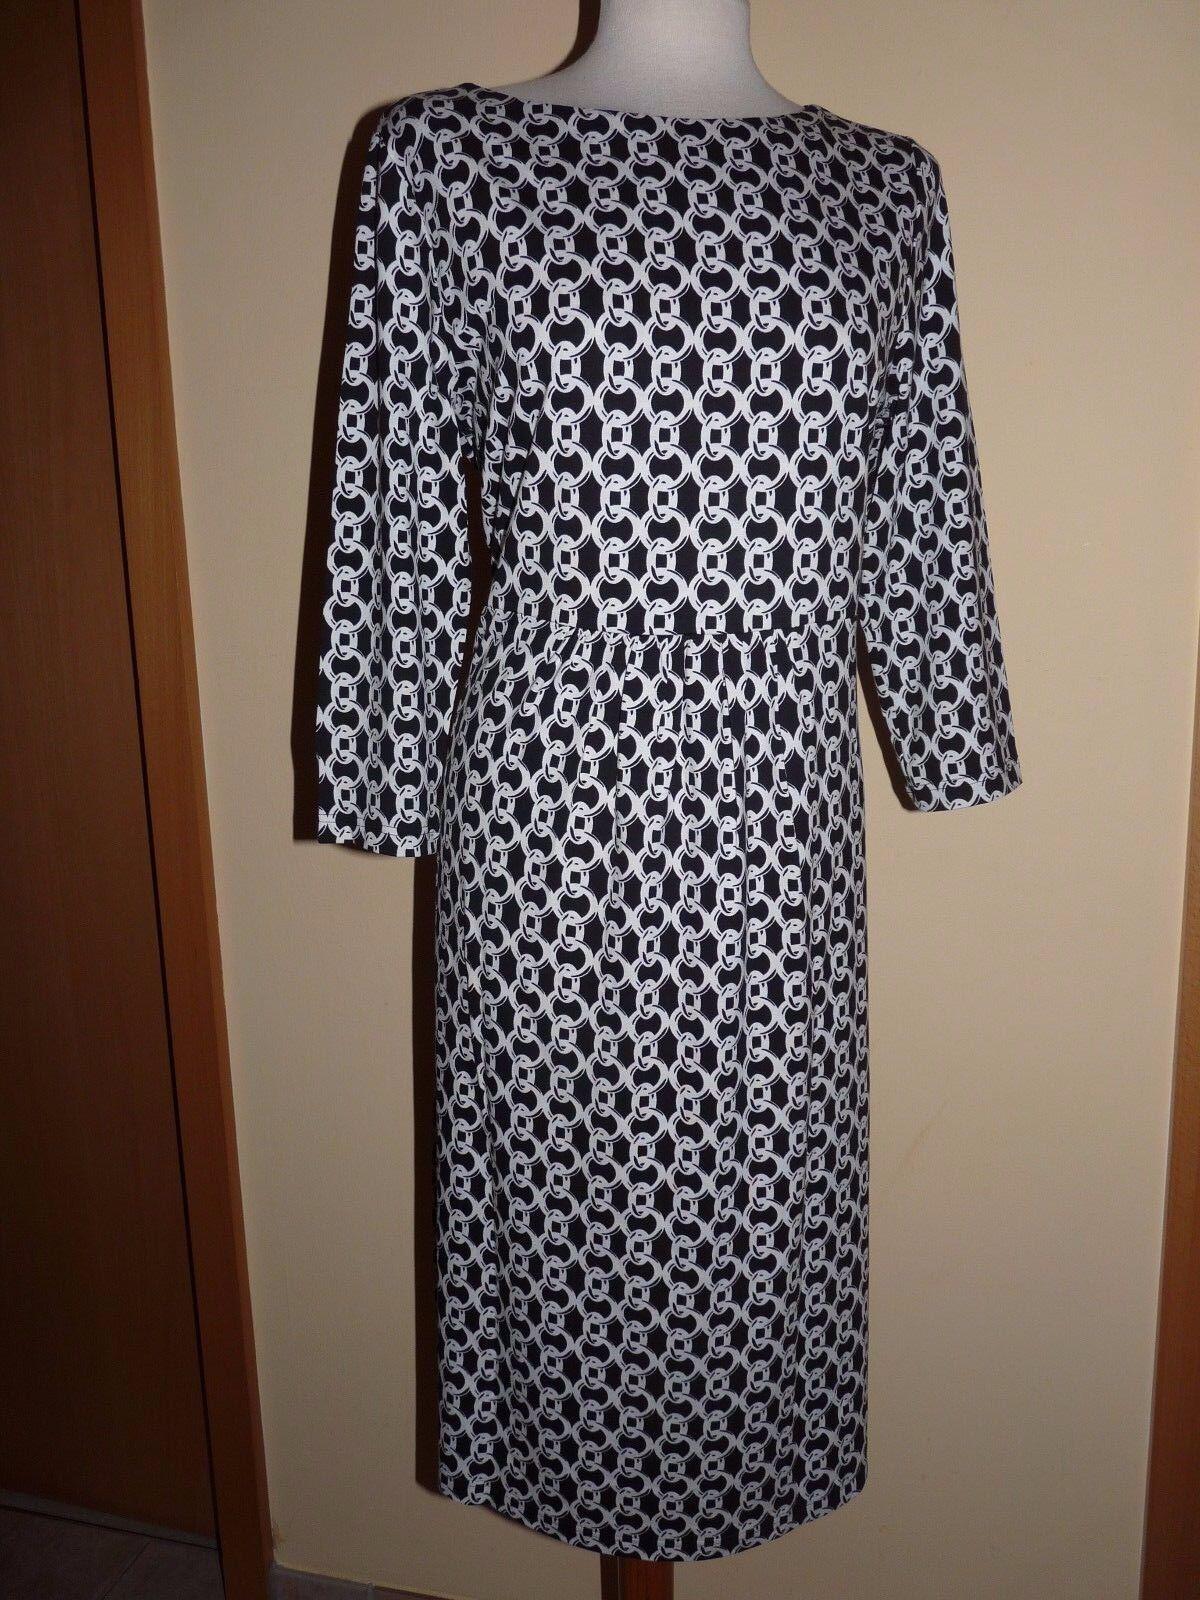 Peter Hahn Efixelle Jersey-Kleid 3 4 Arm Gr. 44 Schwarz-Weiß Ketten-Optik-Druck